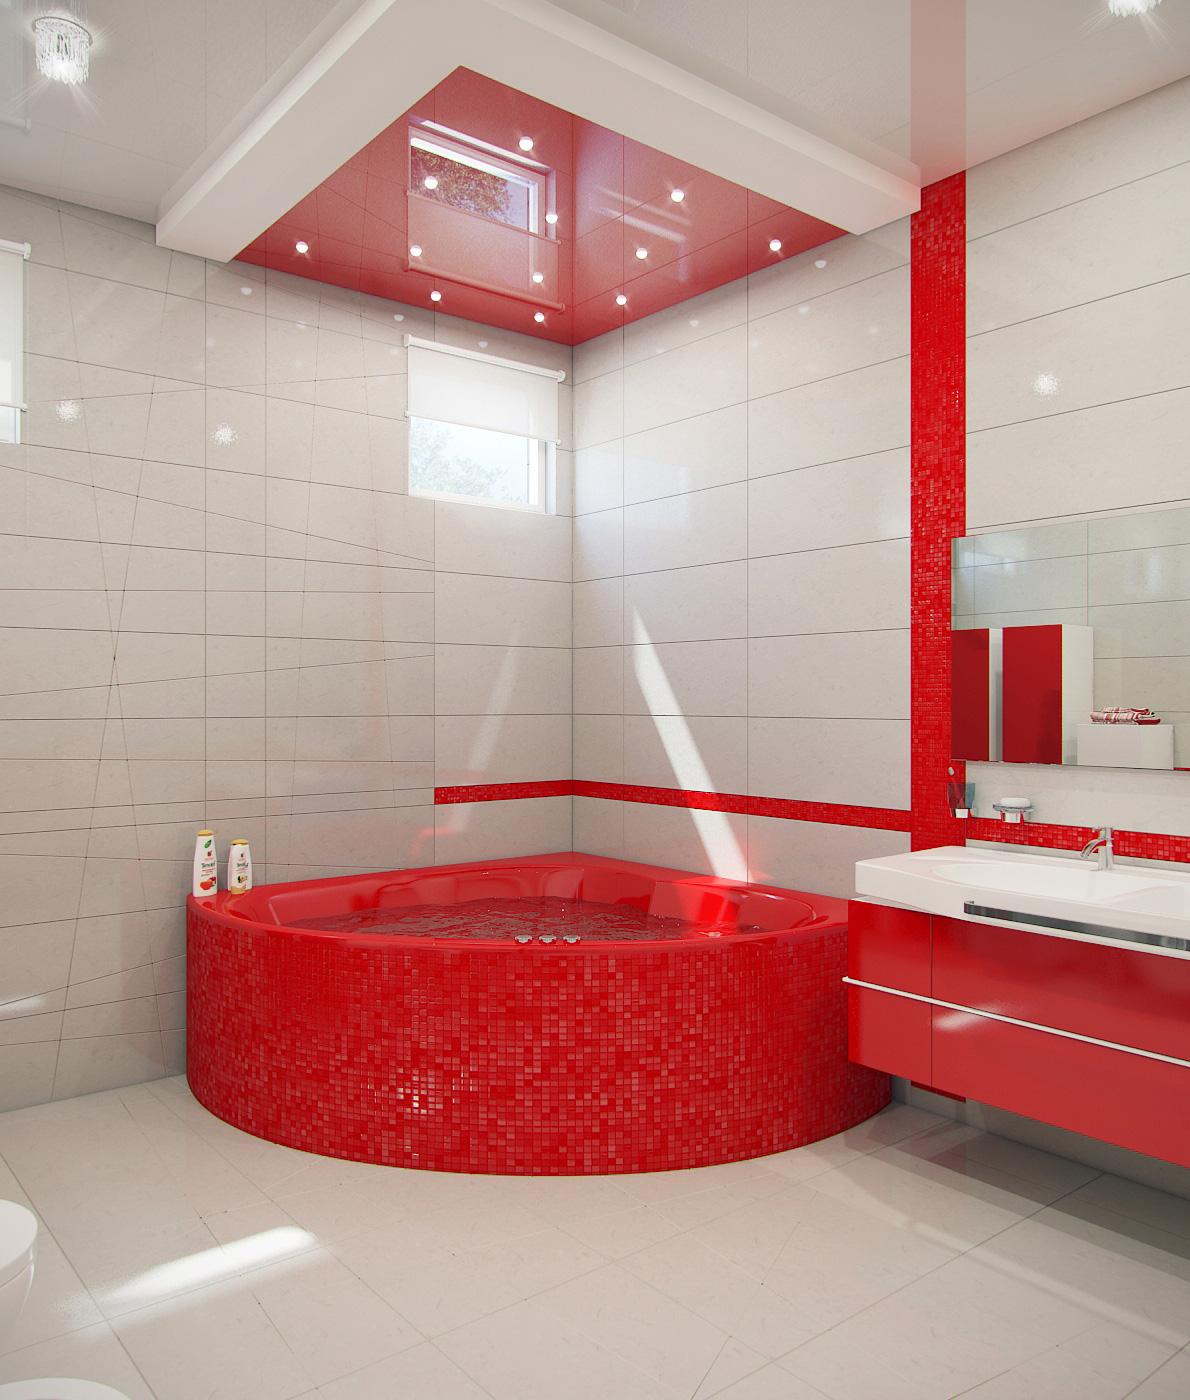 Красная сантехника в интерьере белой ванной комнаты